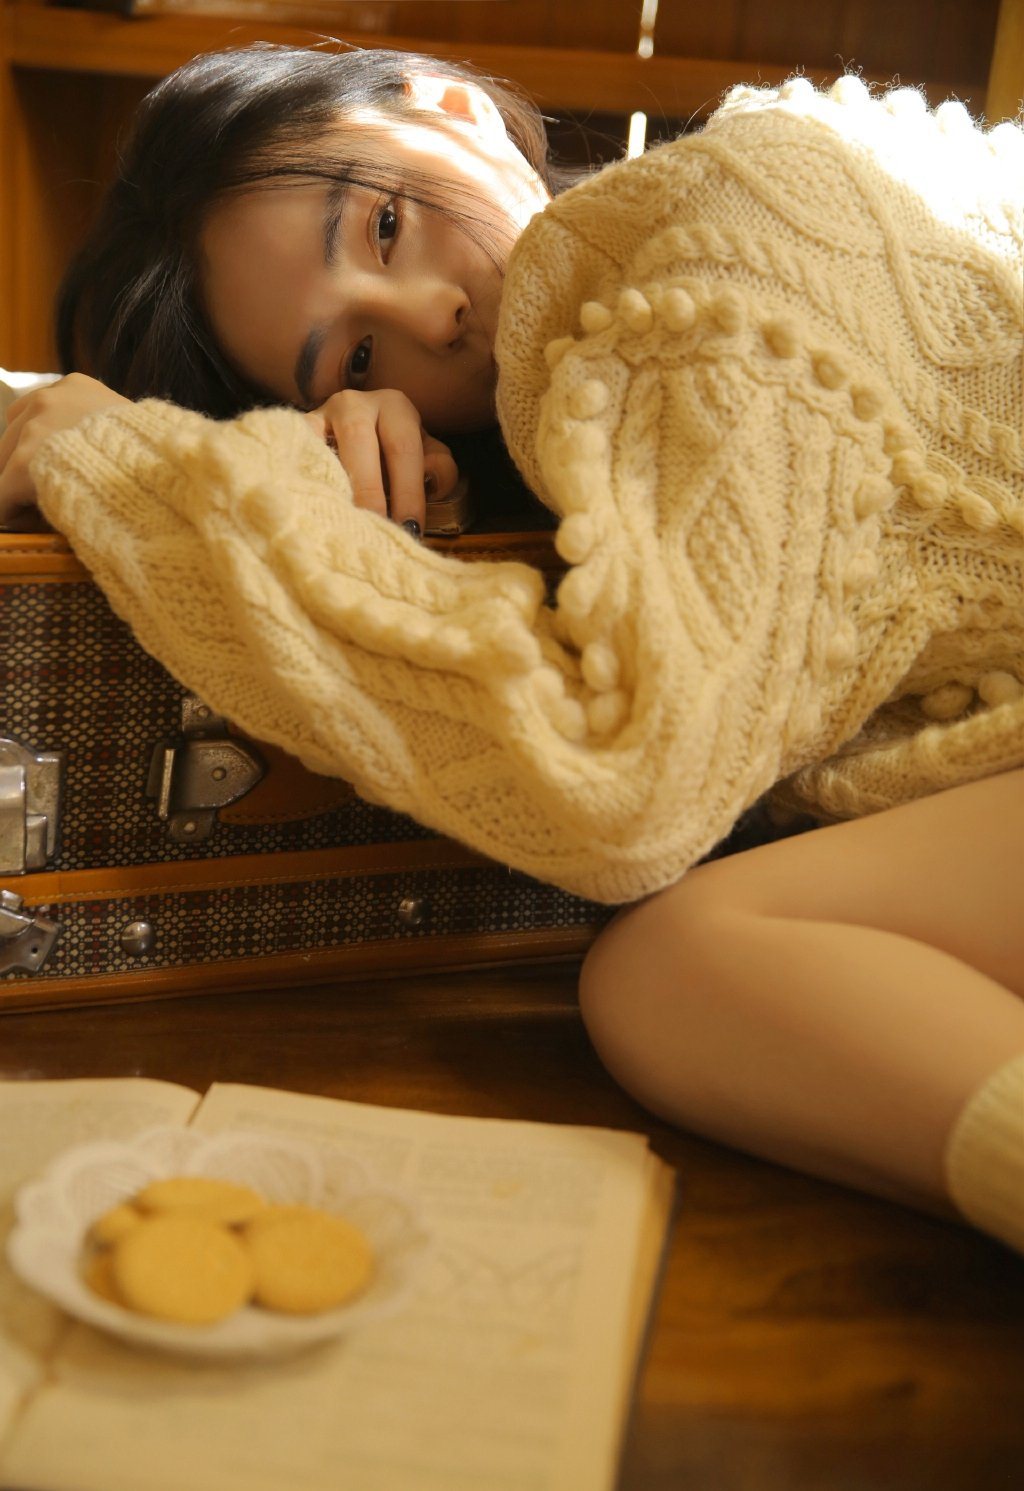 毛衣美女翘臀美腿诱惑写真图片